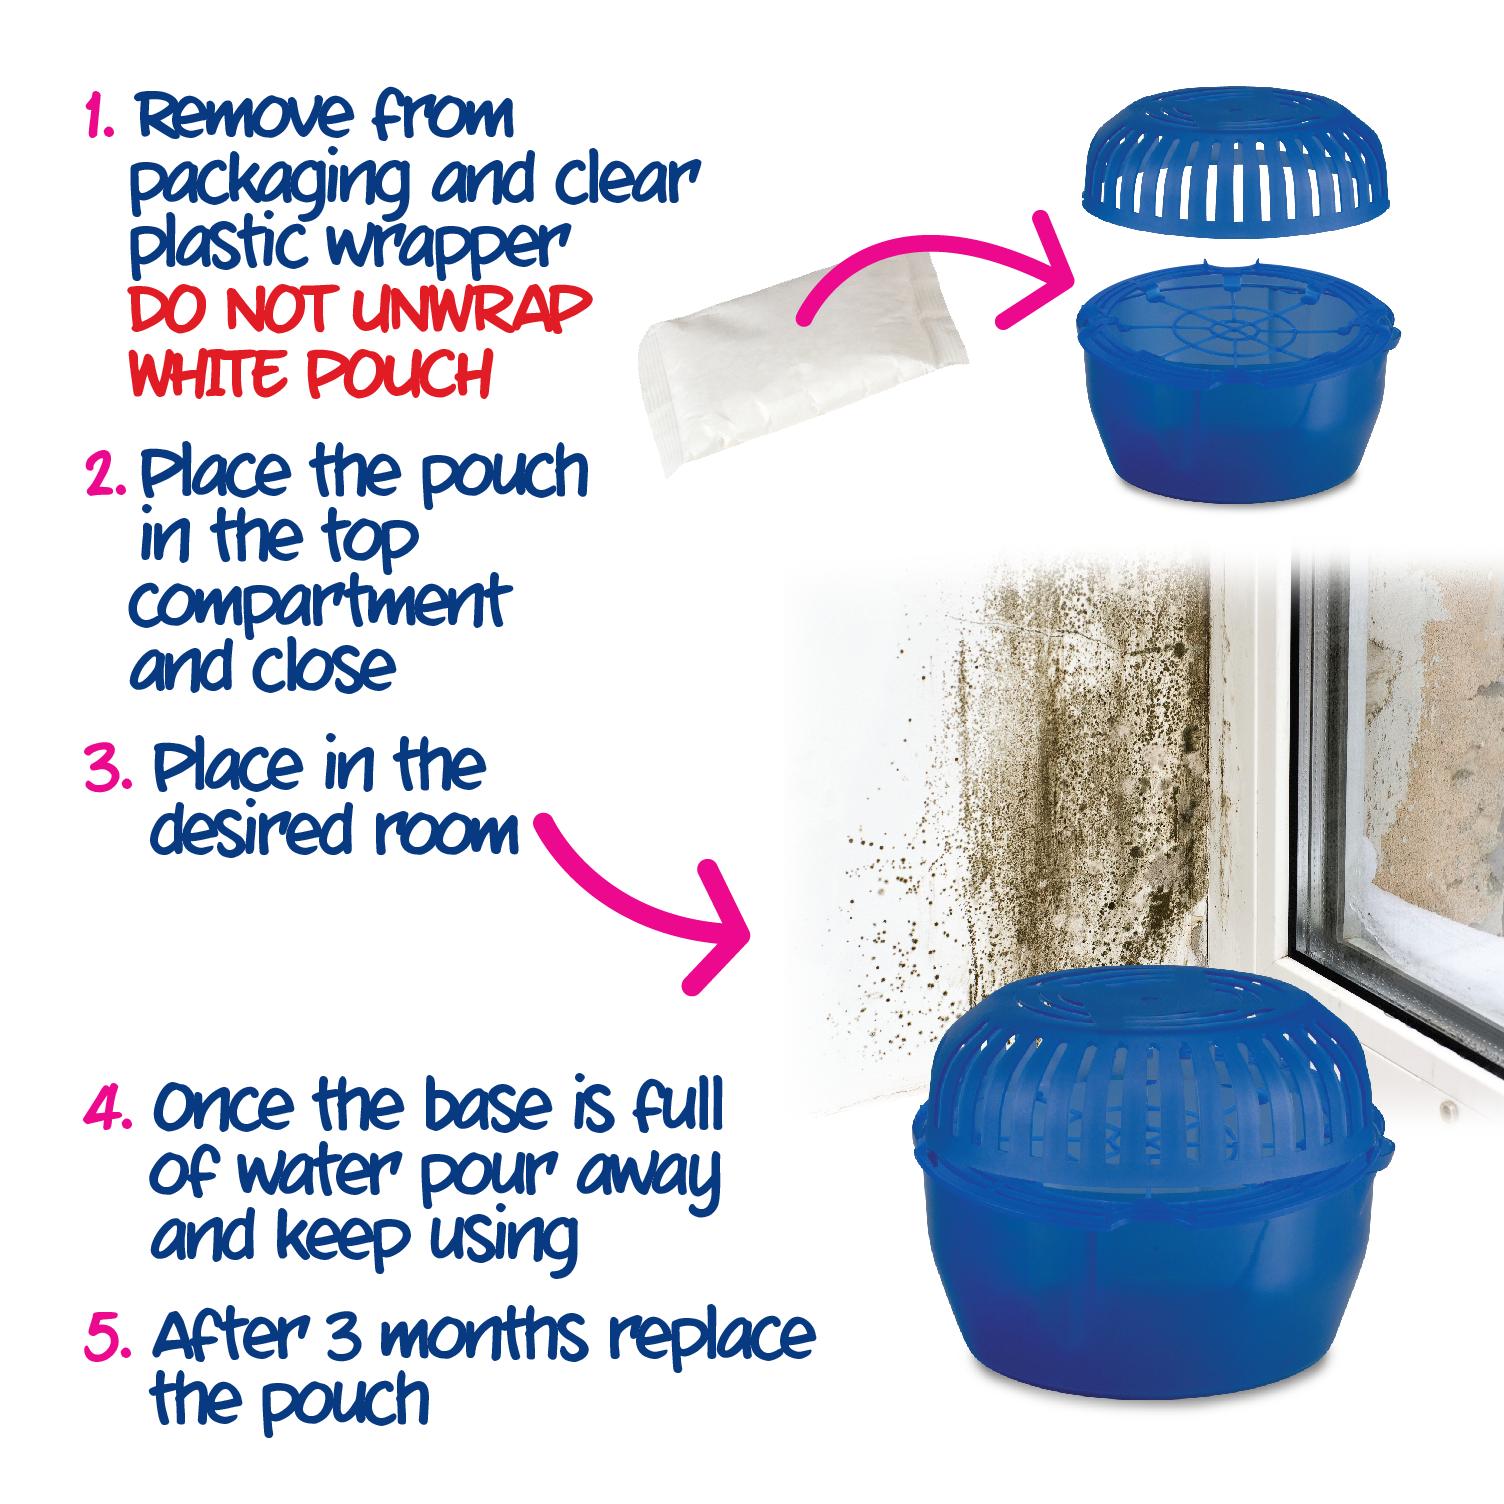 Ecozone Room Dehumidifier how to use